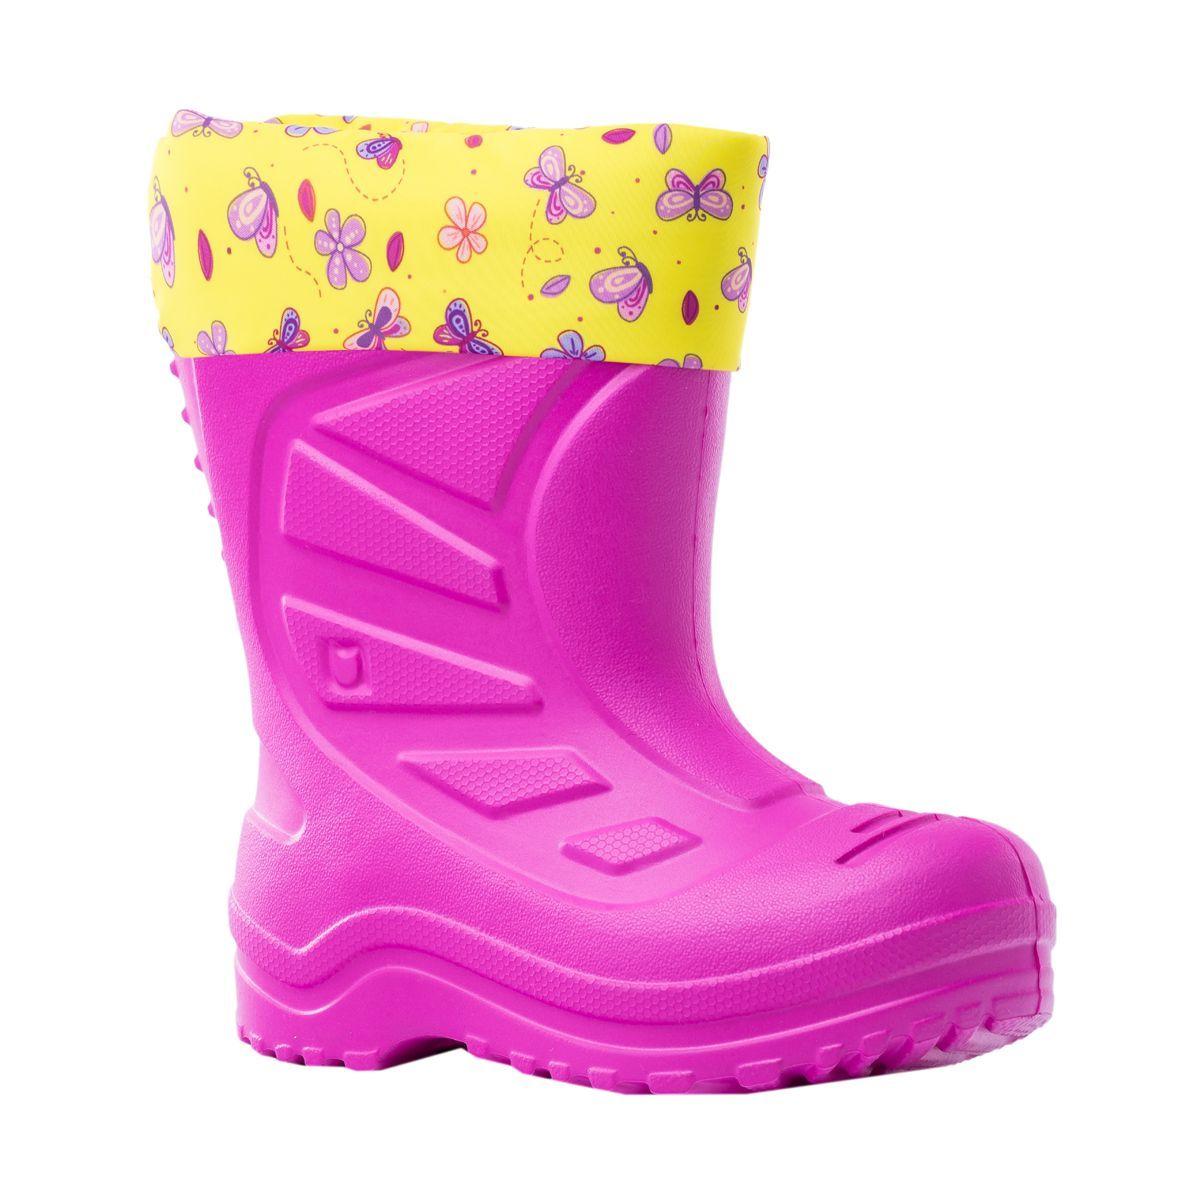 Купить 365004-15, Резиновая обувь для девочек Котофей цв.фуксия р.24,